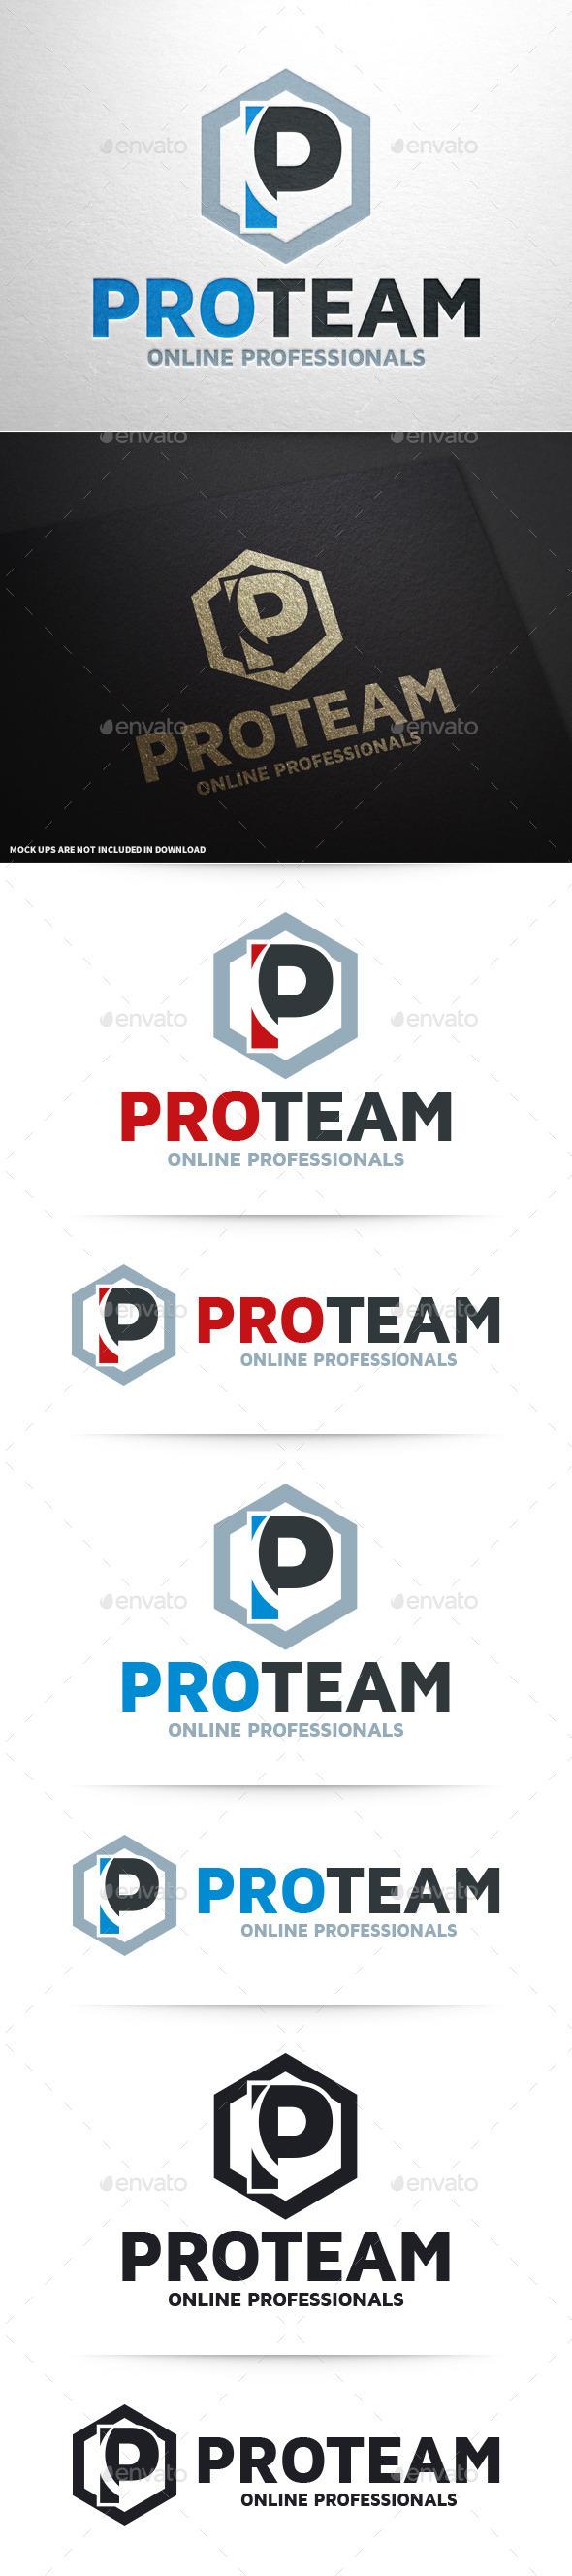 Pro Team - Letter P Logo